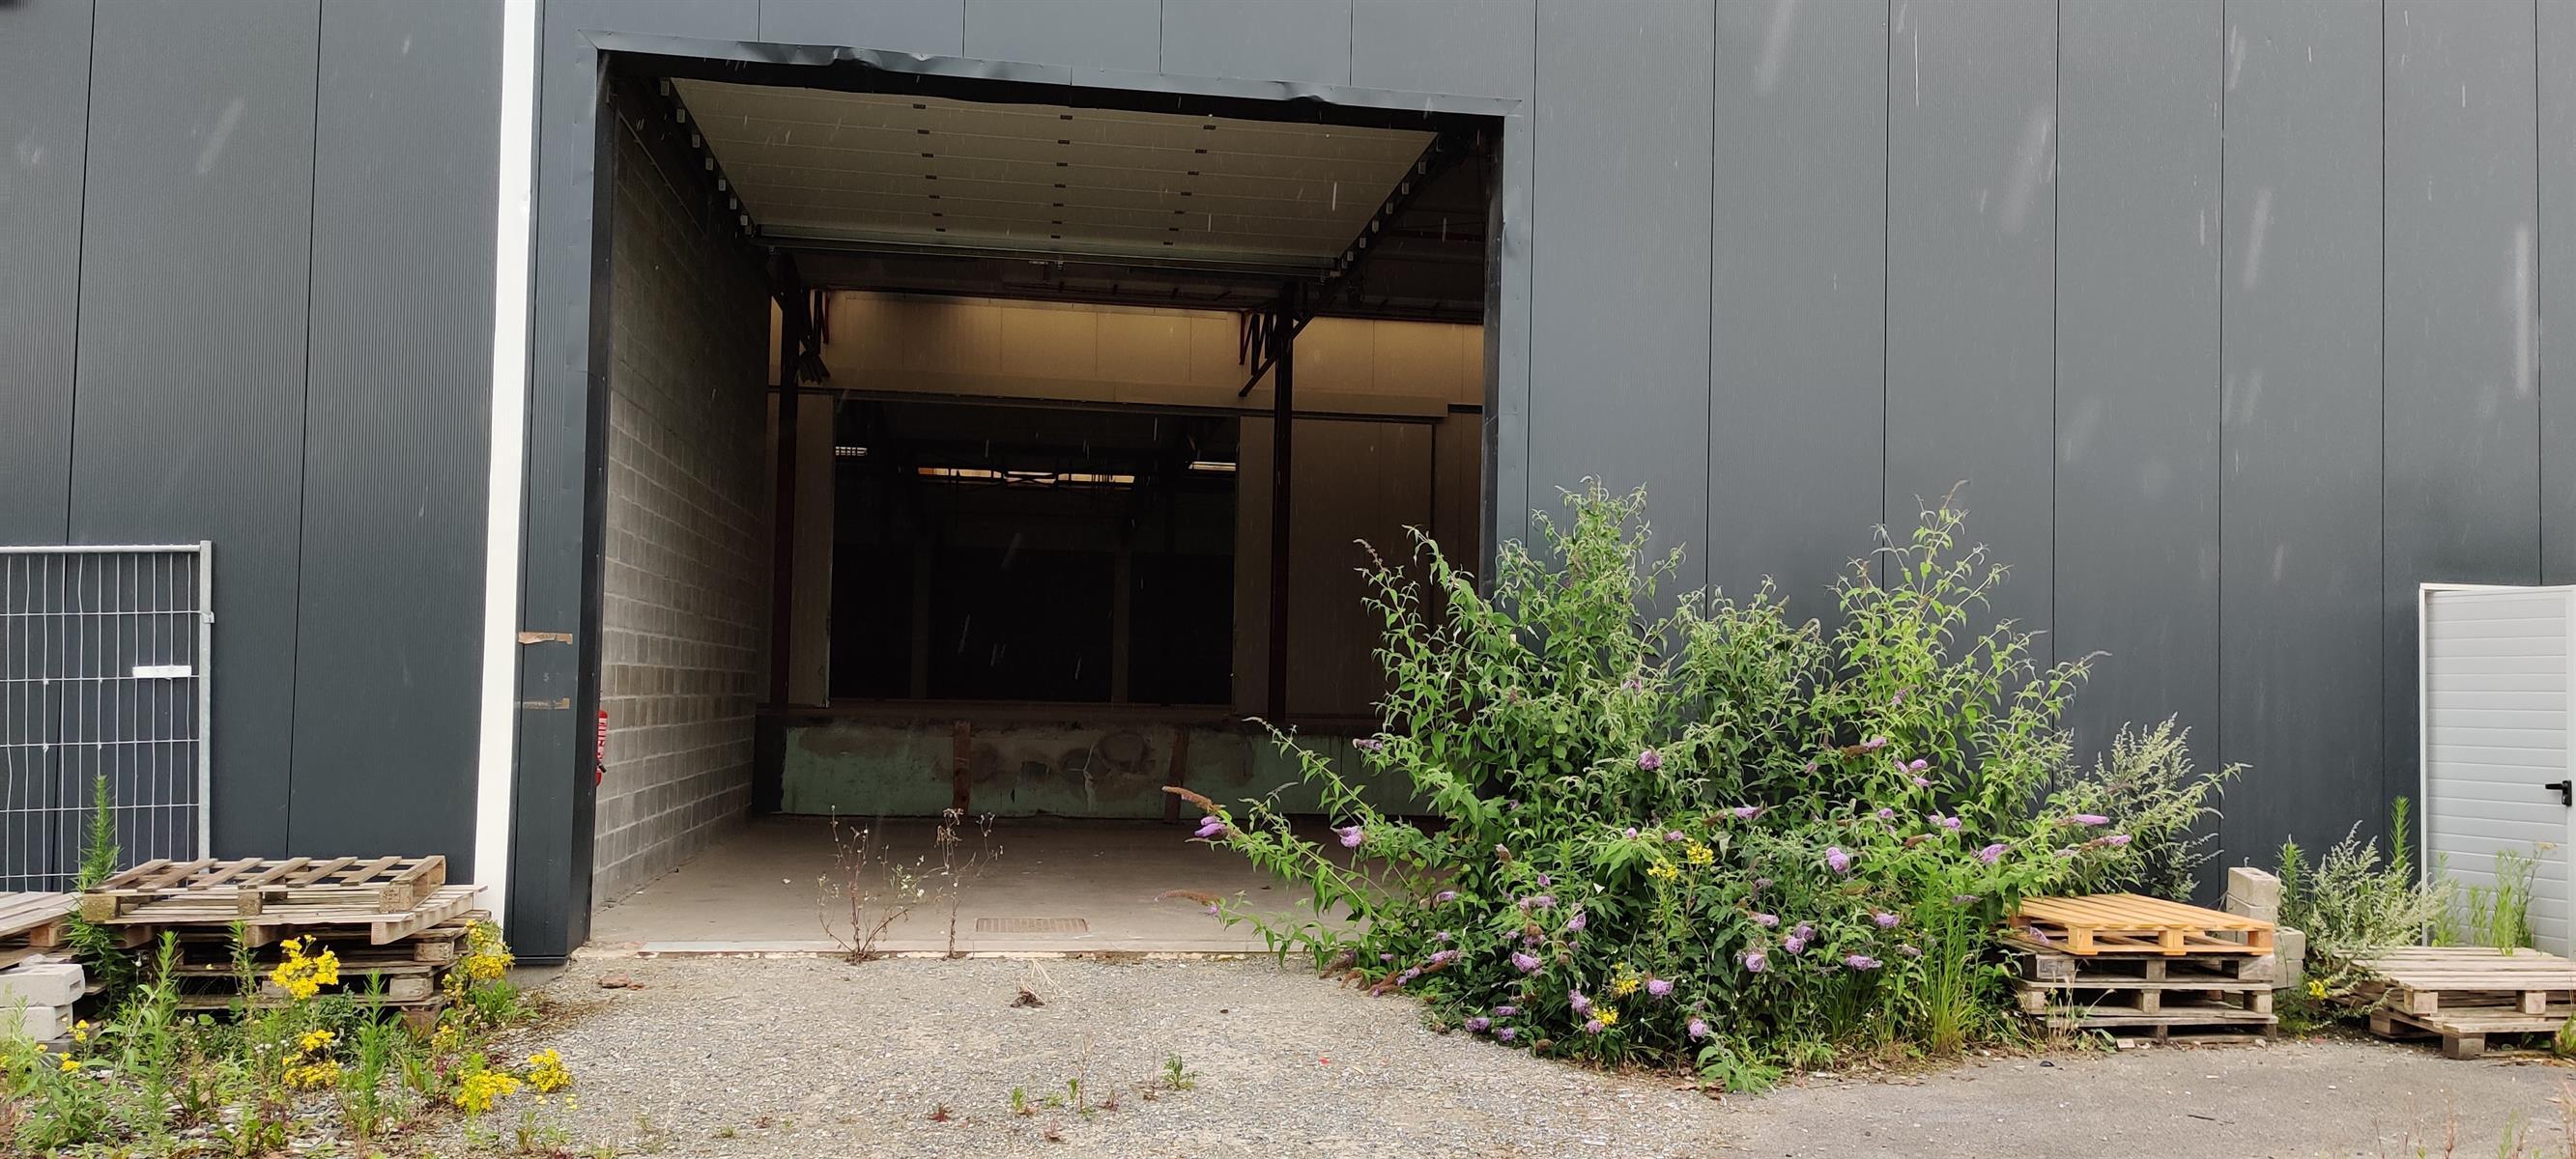 gebouw voor gemengd gebruik te huur I158 - Lumbeekstraat 38, 1700 Dilbeek Sint-Ulriks-Kapelle, België 18